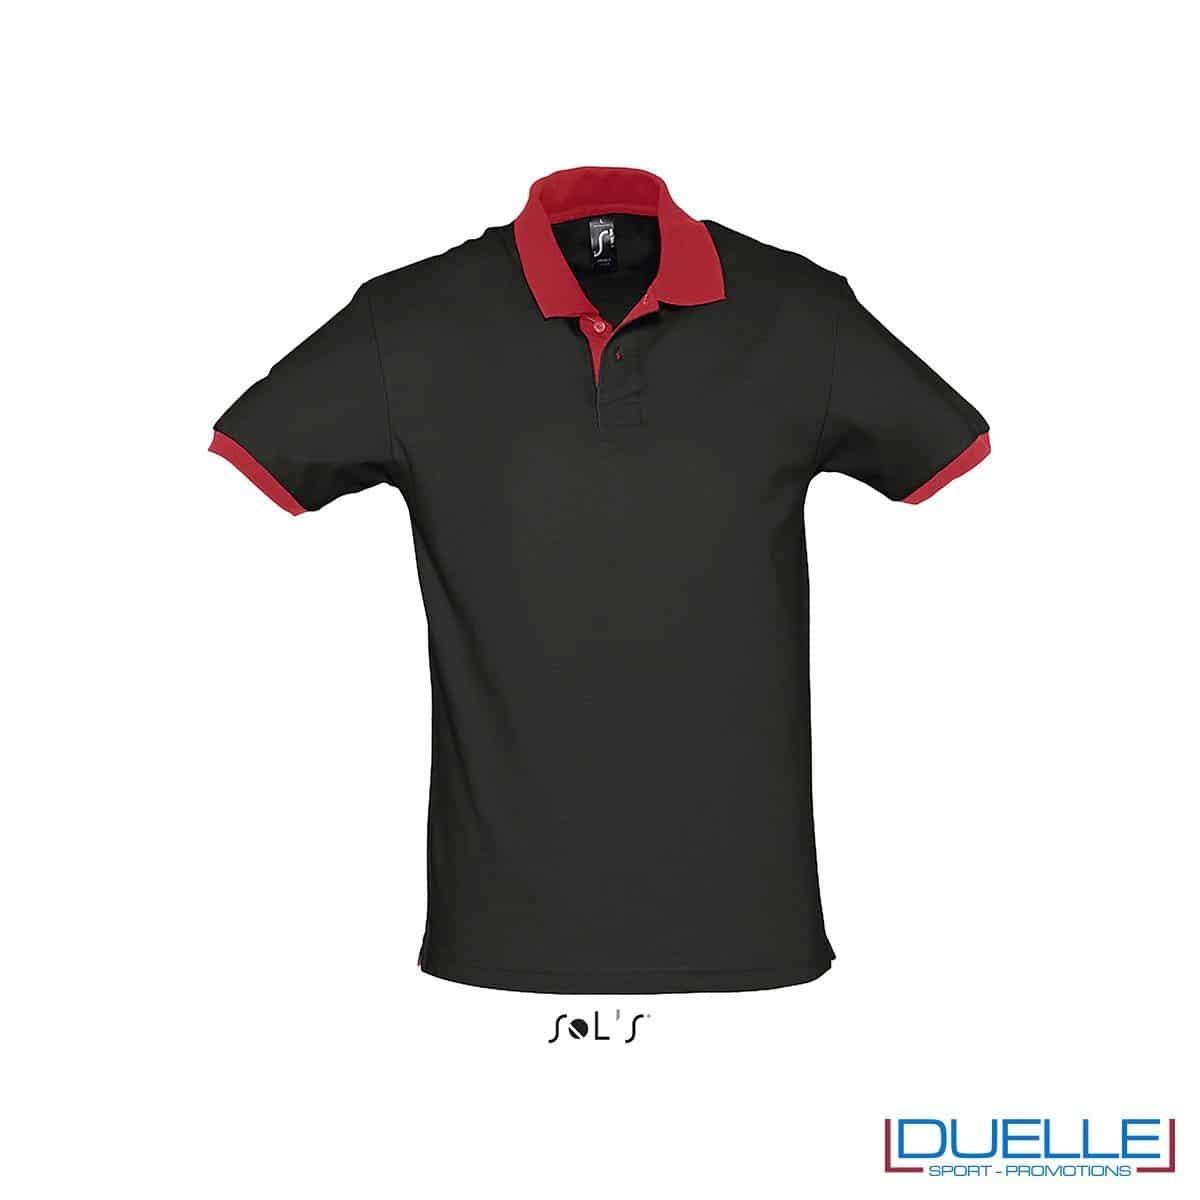 polo personalizzata color nero con finiture a contrasto rosse, abbigliamento promozionale personalizzato